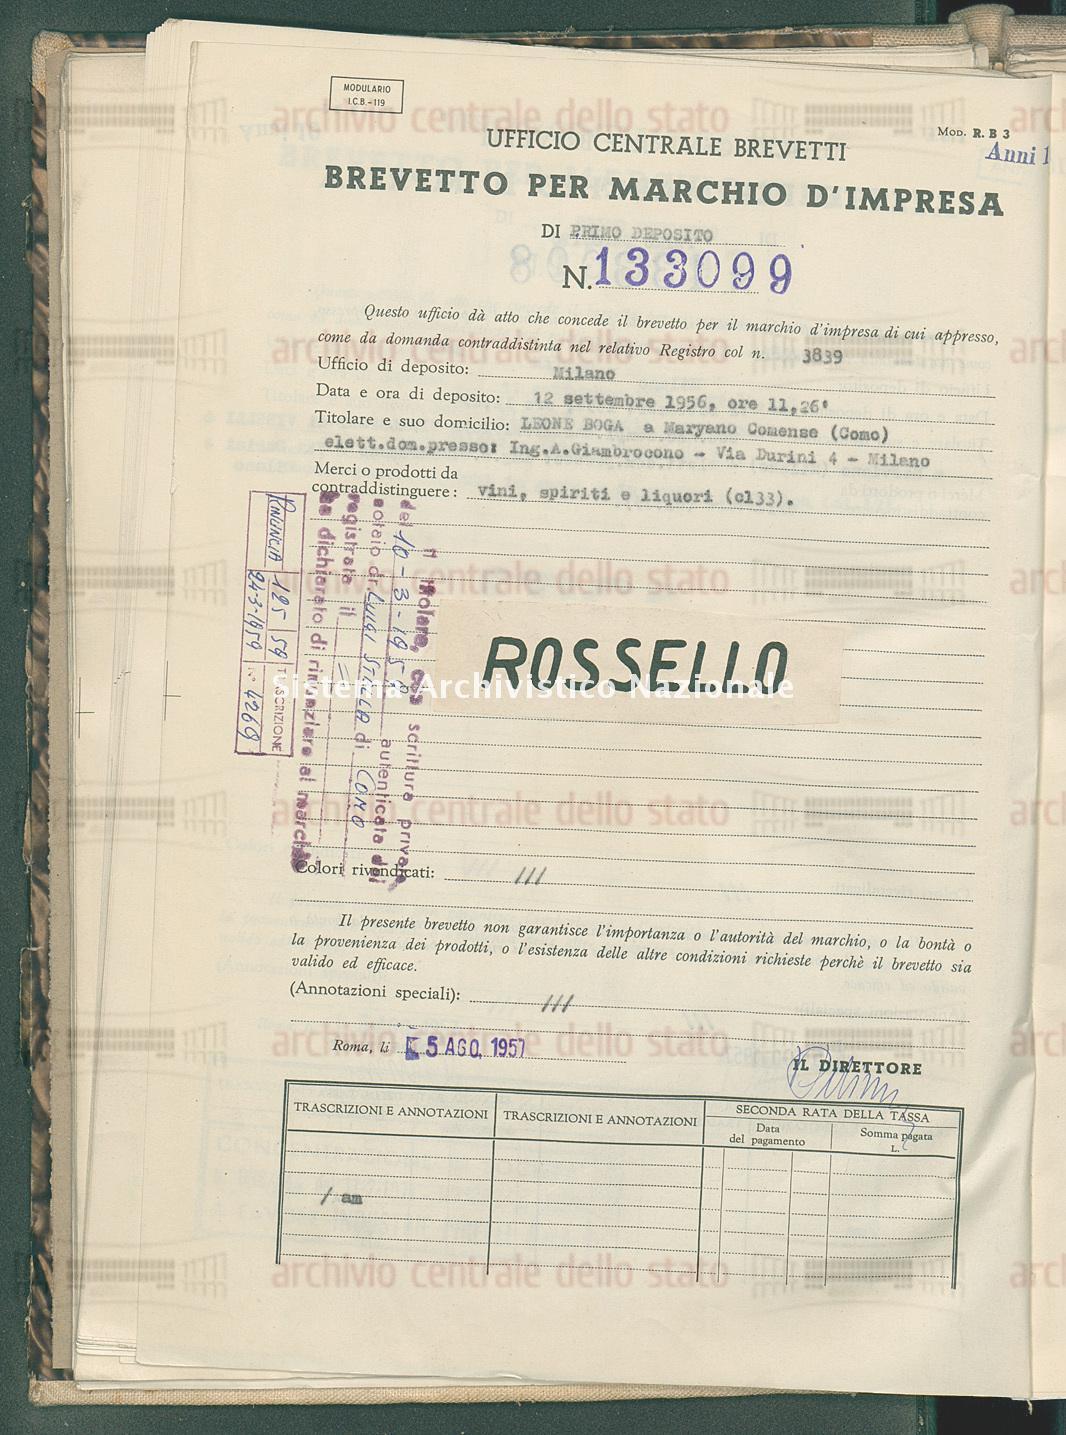 Vini, spiriti e liquori Leone Boga (05/08/1957)